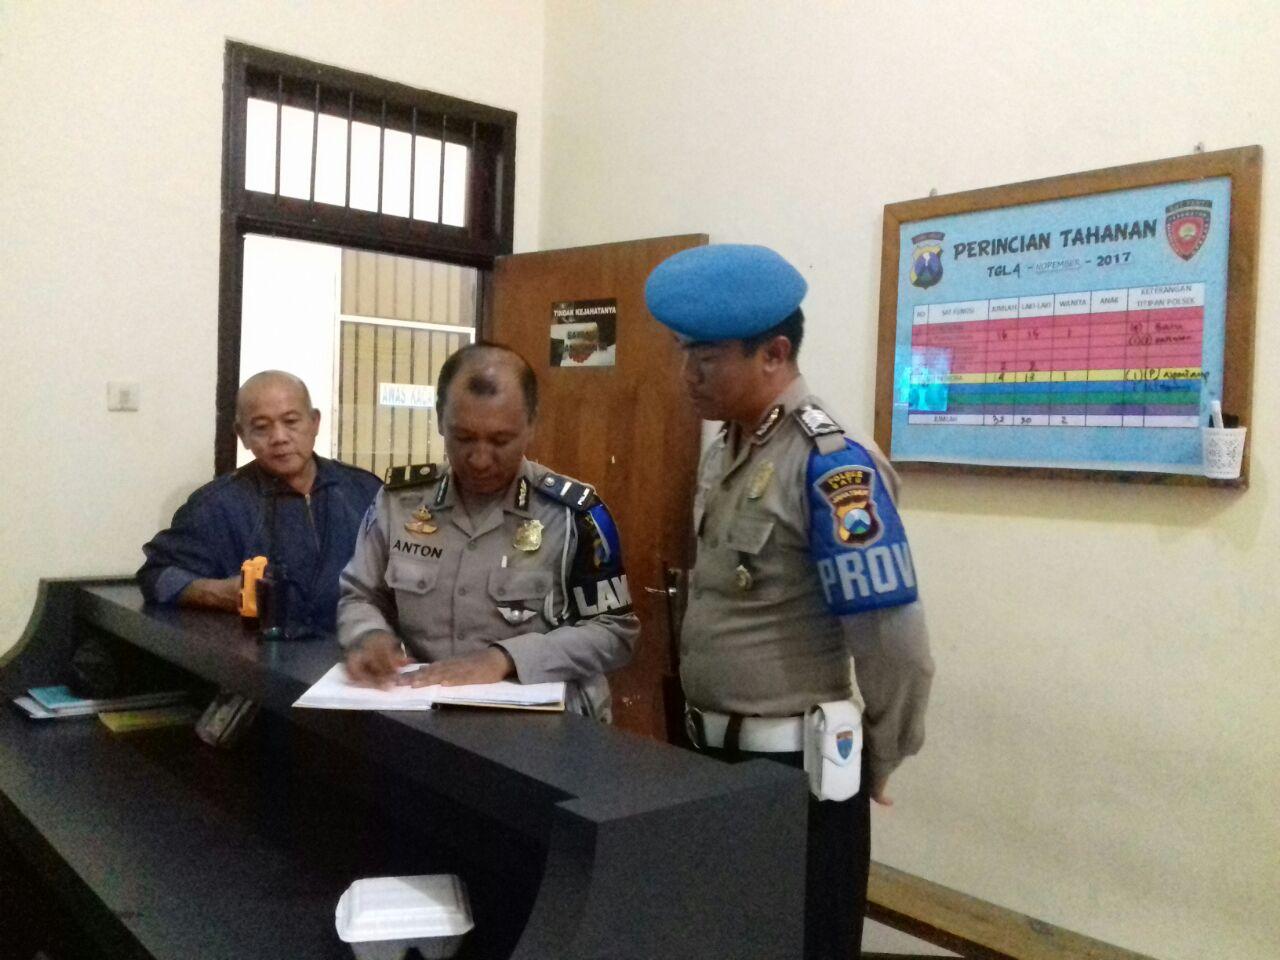 Perwira Pengendali Dan Sipropam Polres Batu Kontrol Tahanan